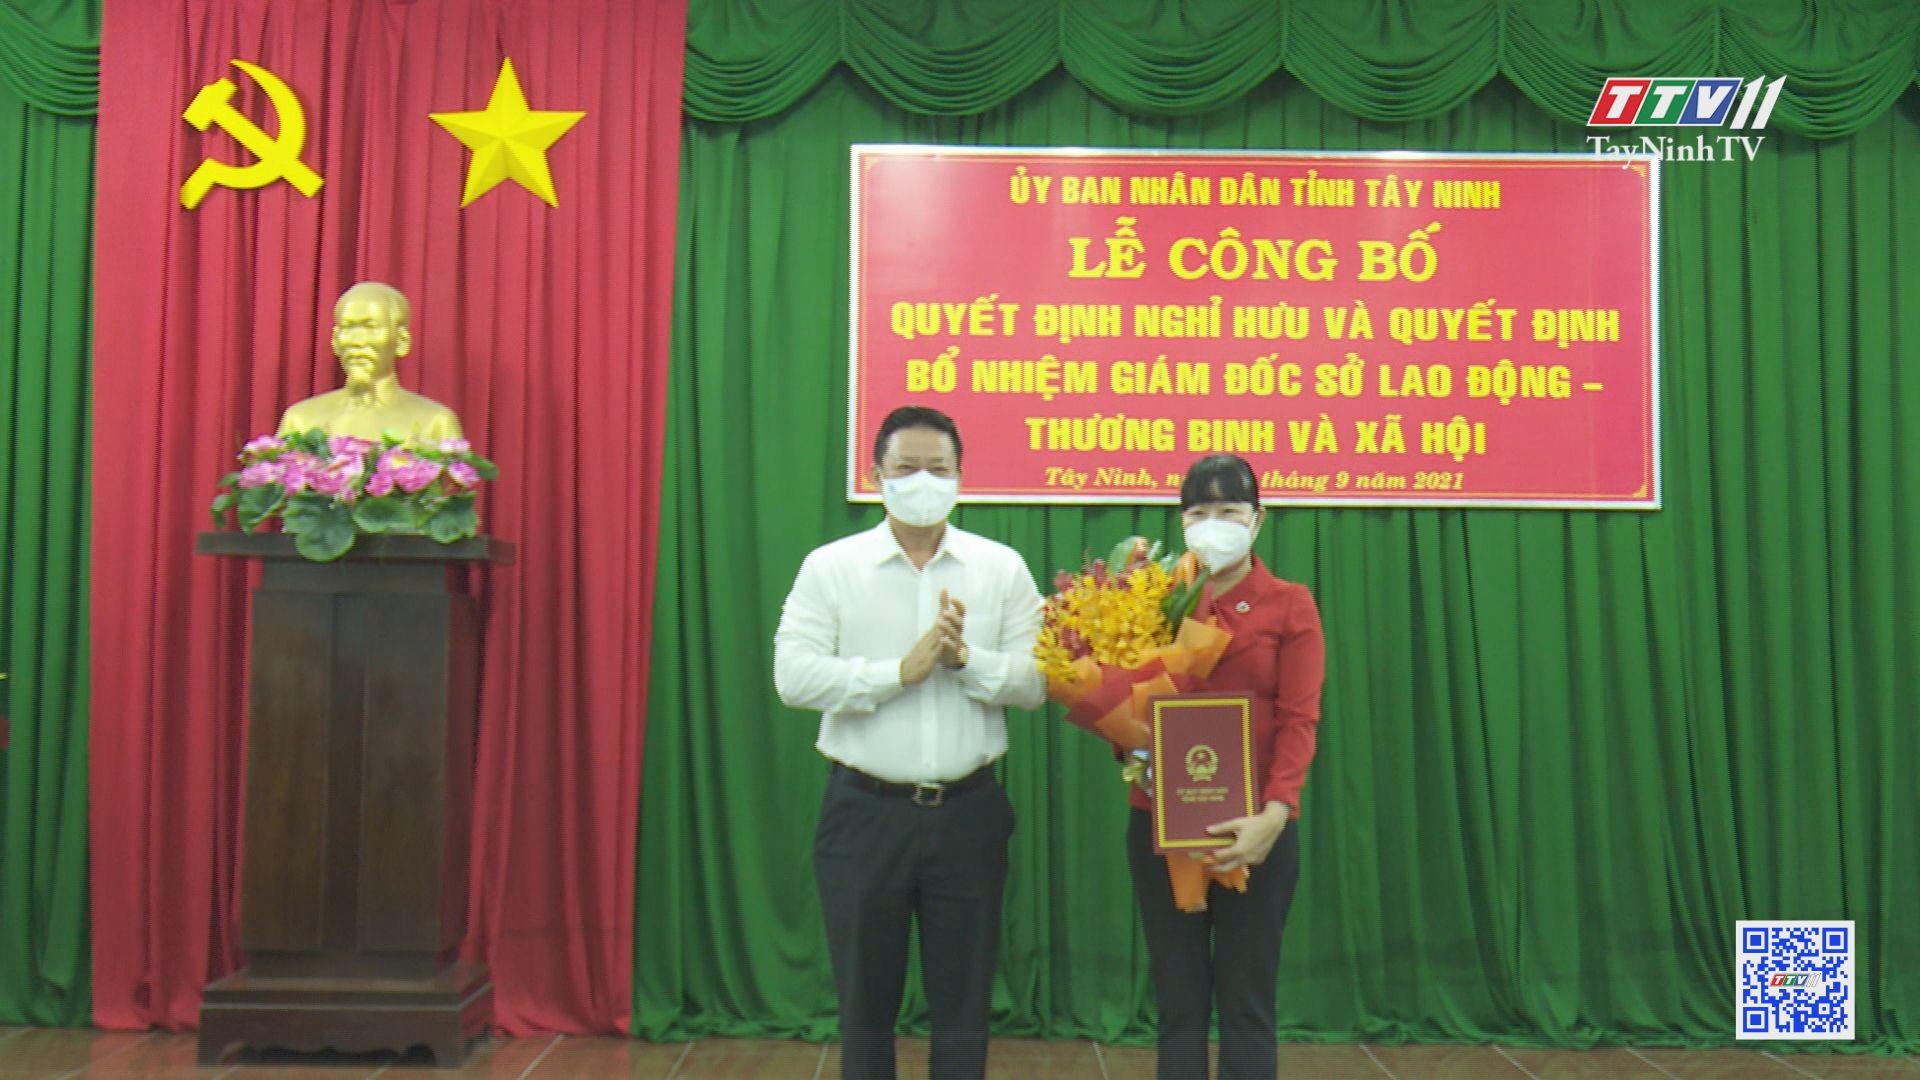 Bổ nhiệm Giám đốc Sở Lao động-Thương binh và Xã hội | NHÂN SỰ MỚI | TayNinhTV